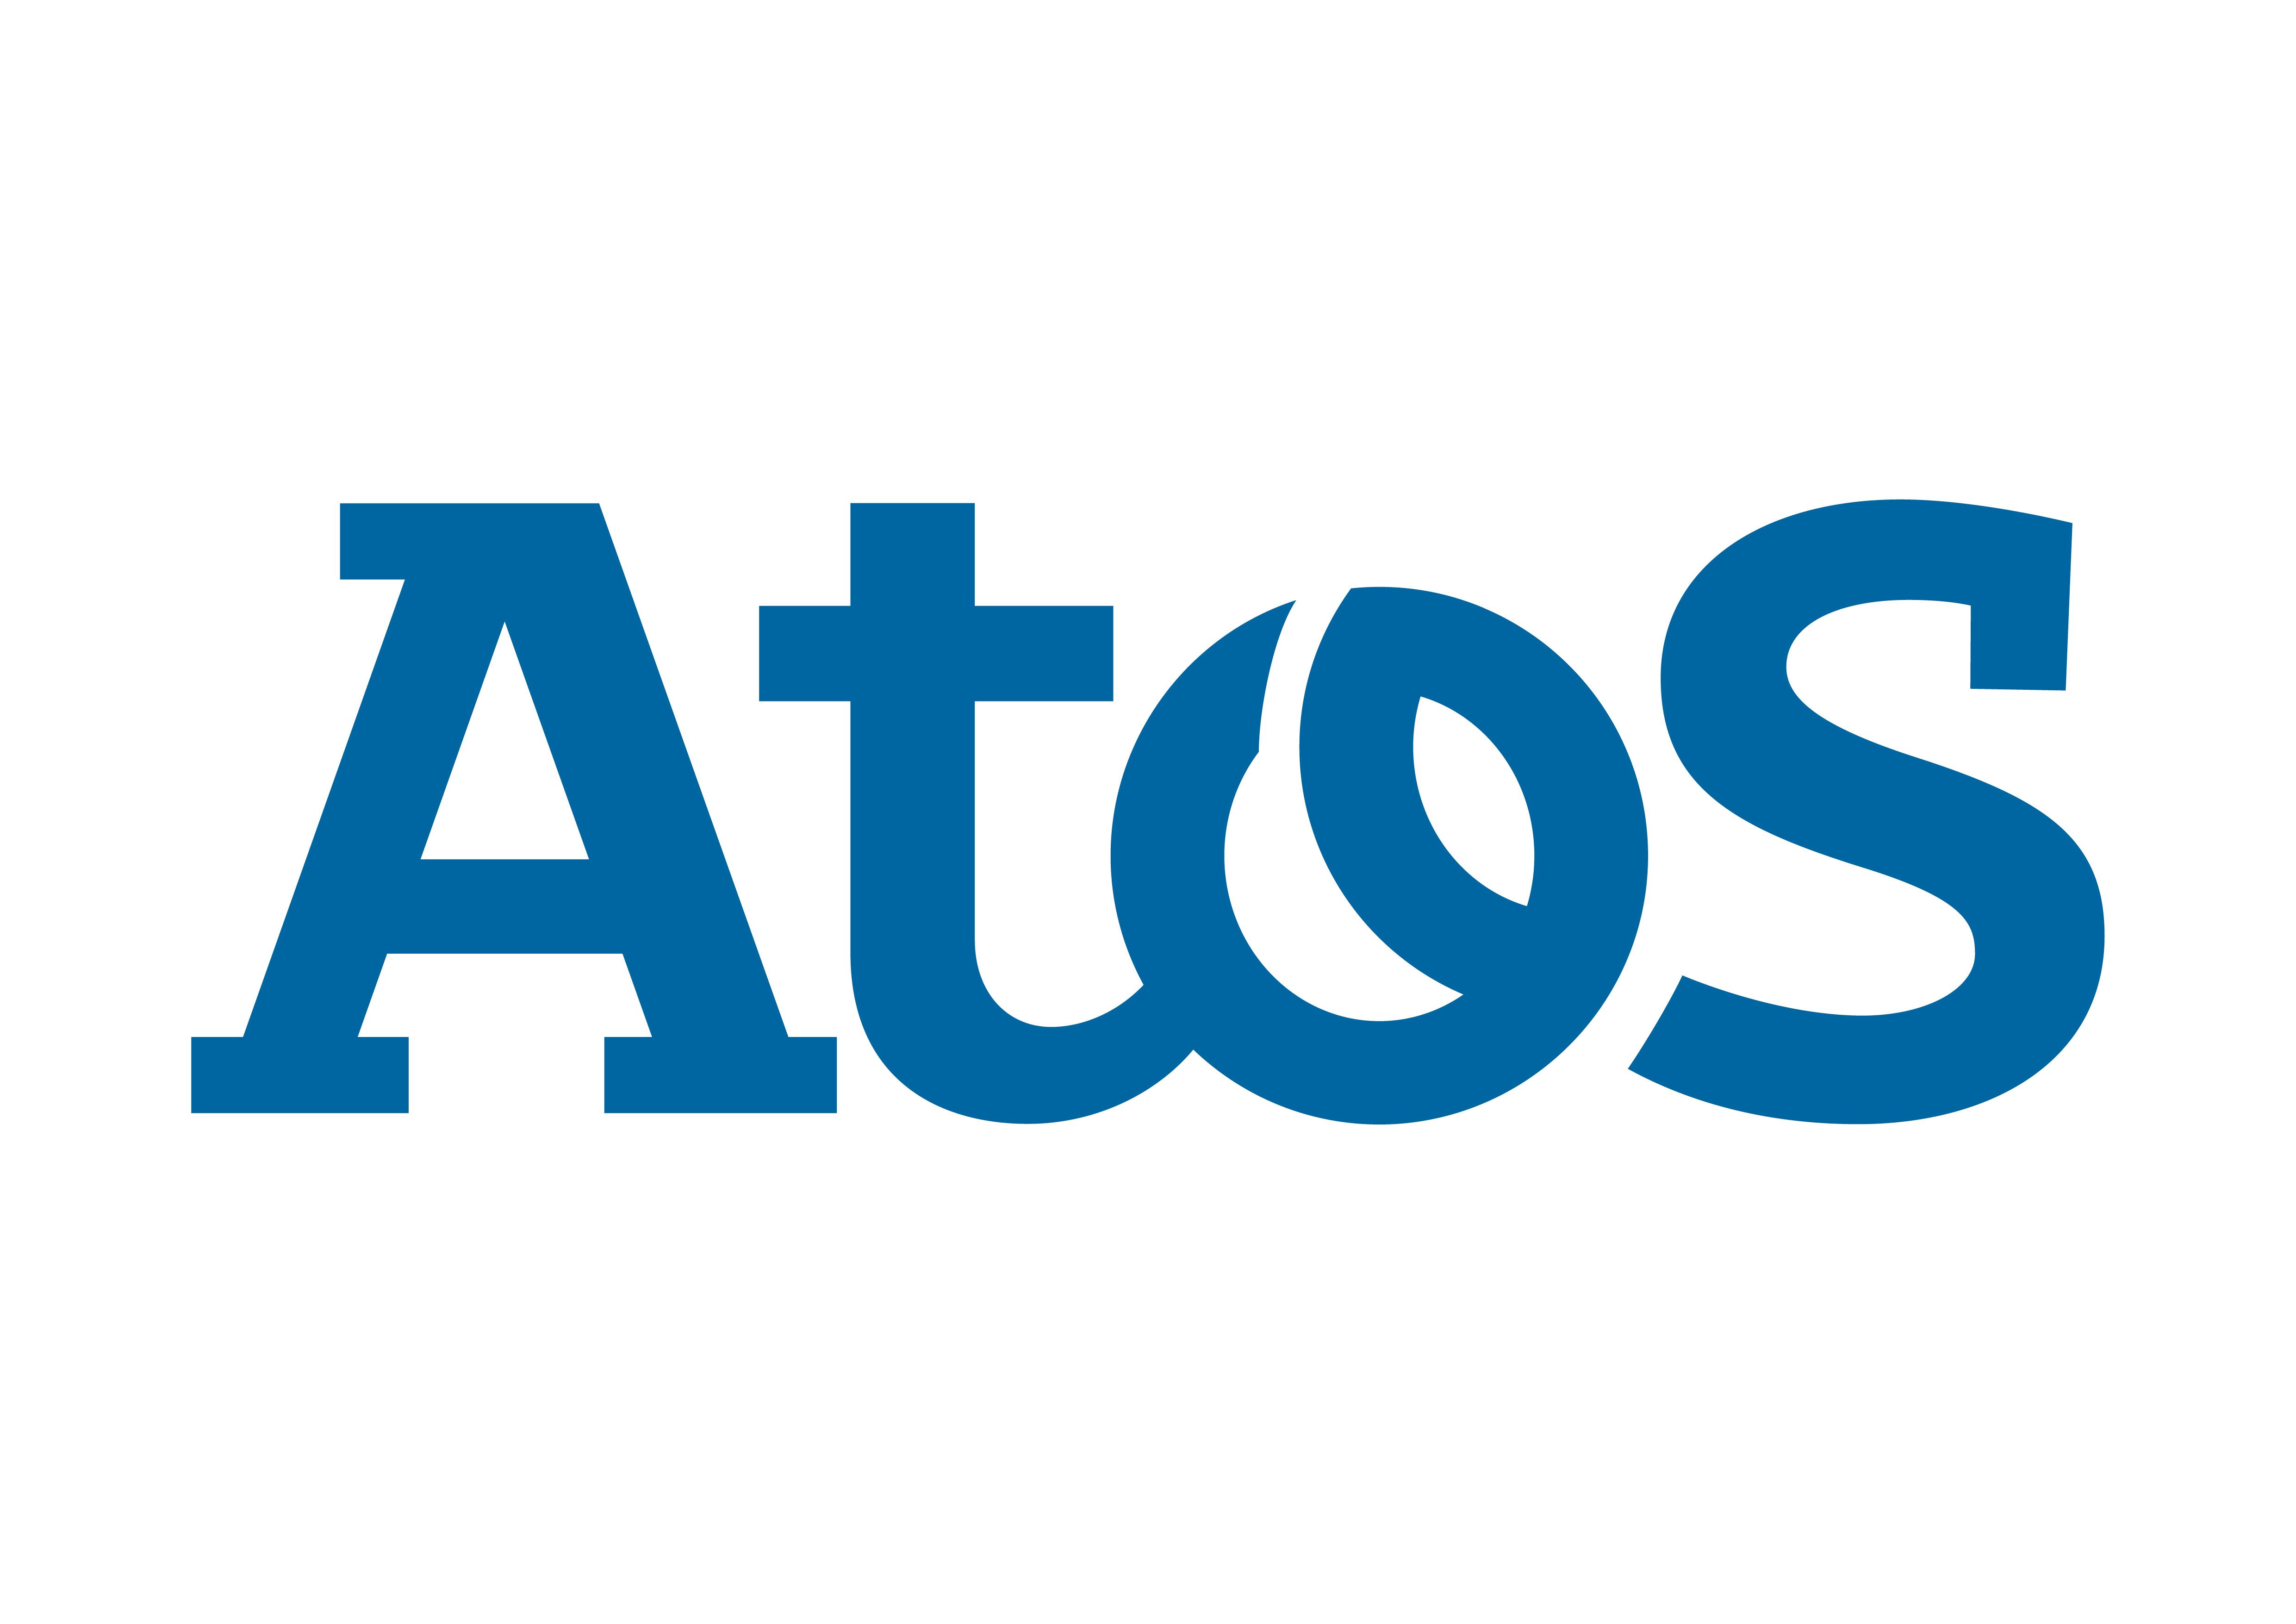 Începe călătoria carierei tale cu Atos